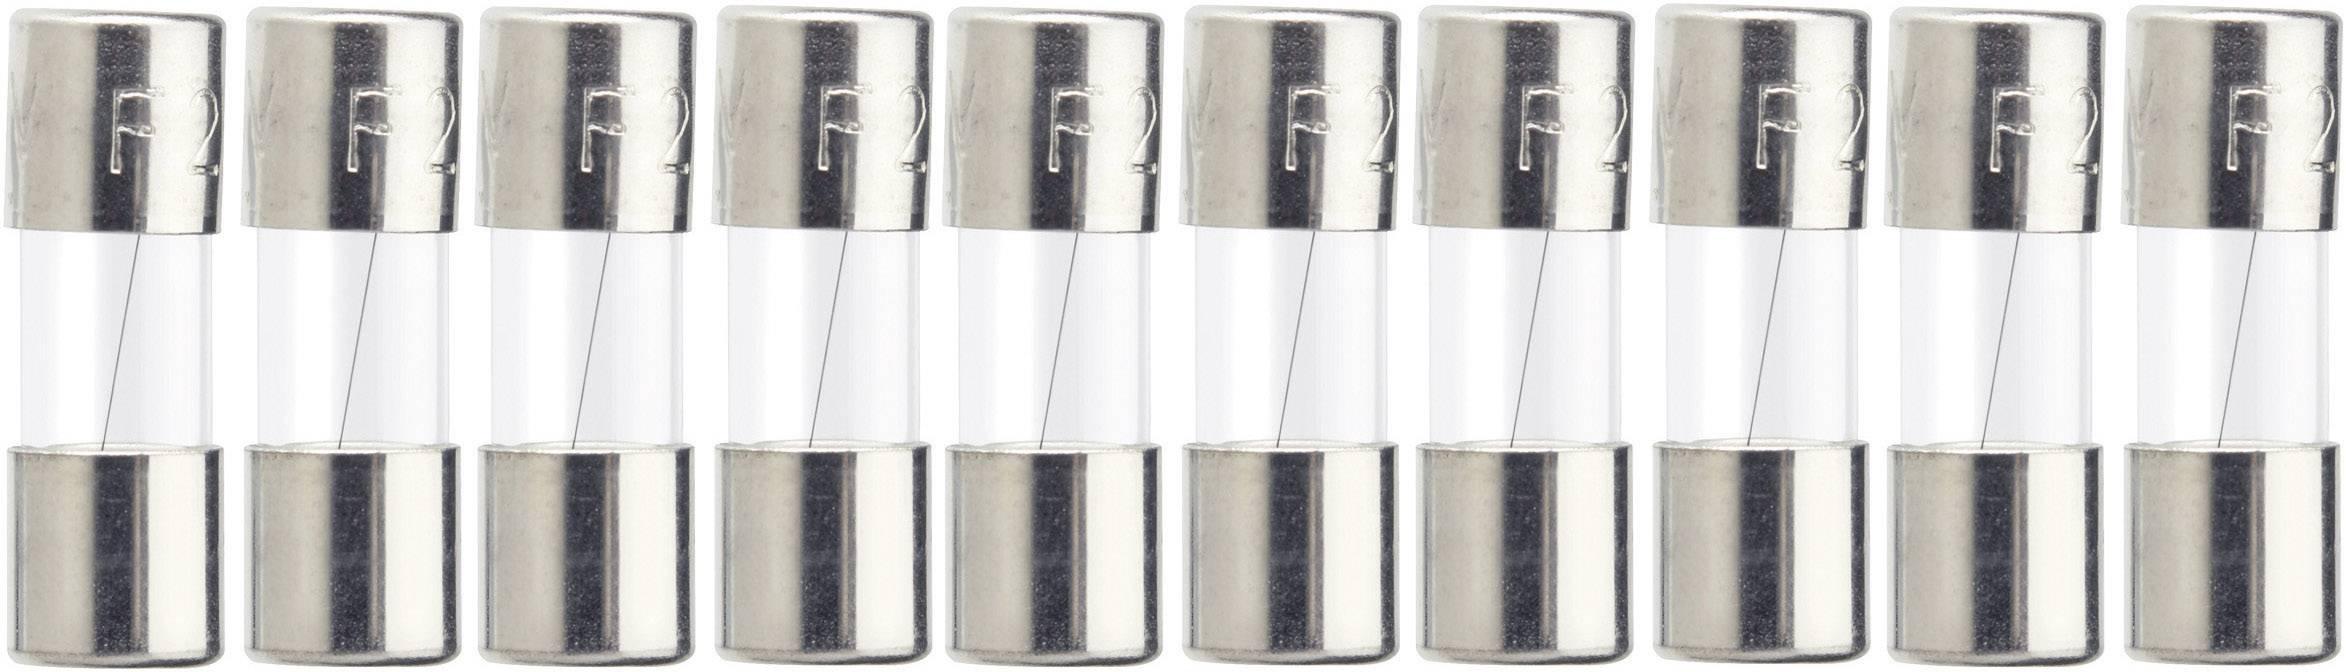 Jemná poistka ESKA 515618, 1.25 A, 250 V, (Ø x d) 5 mm x 15 mm, rýchly -F-, 10 ks